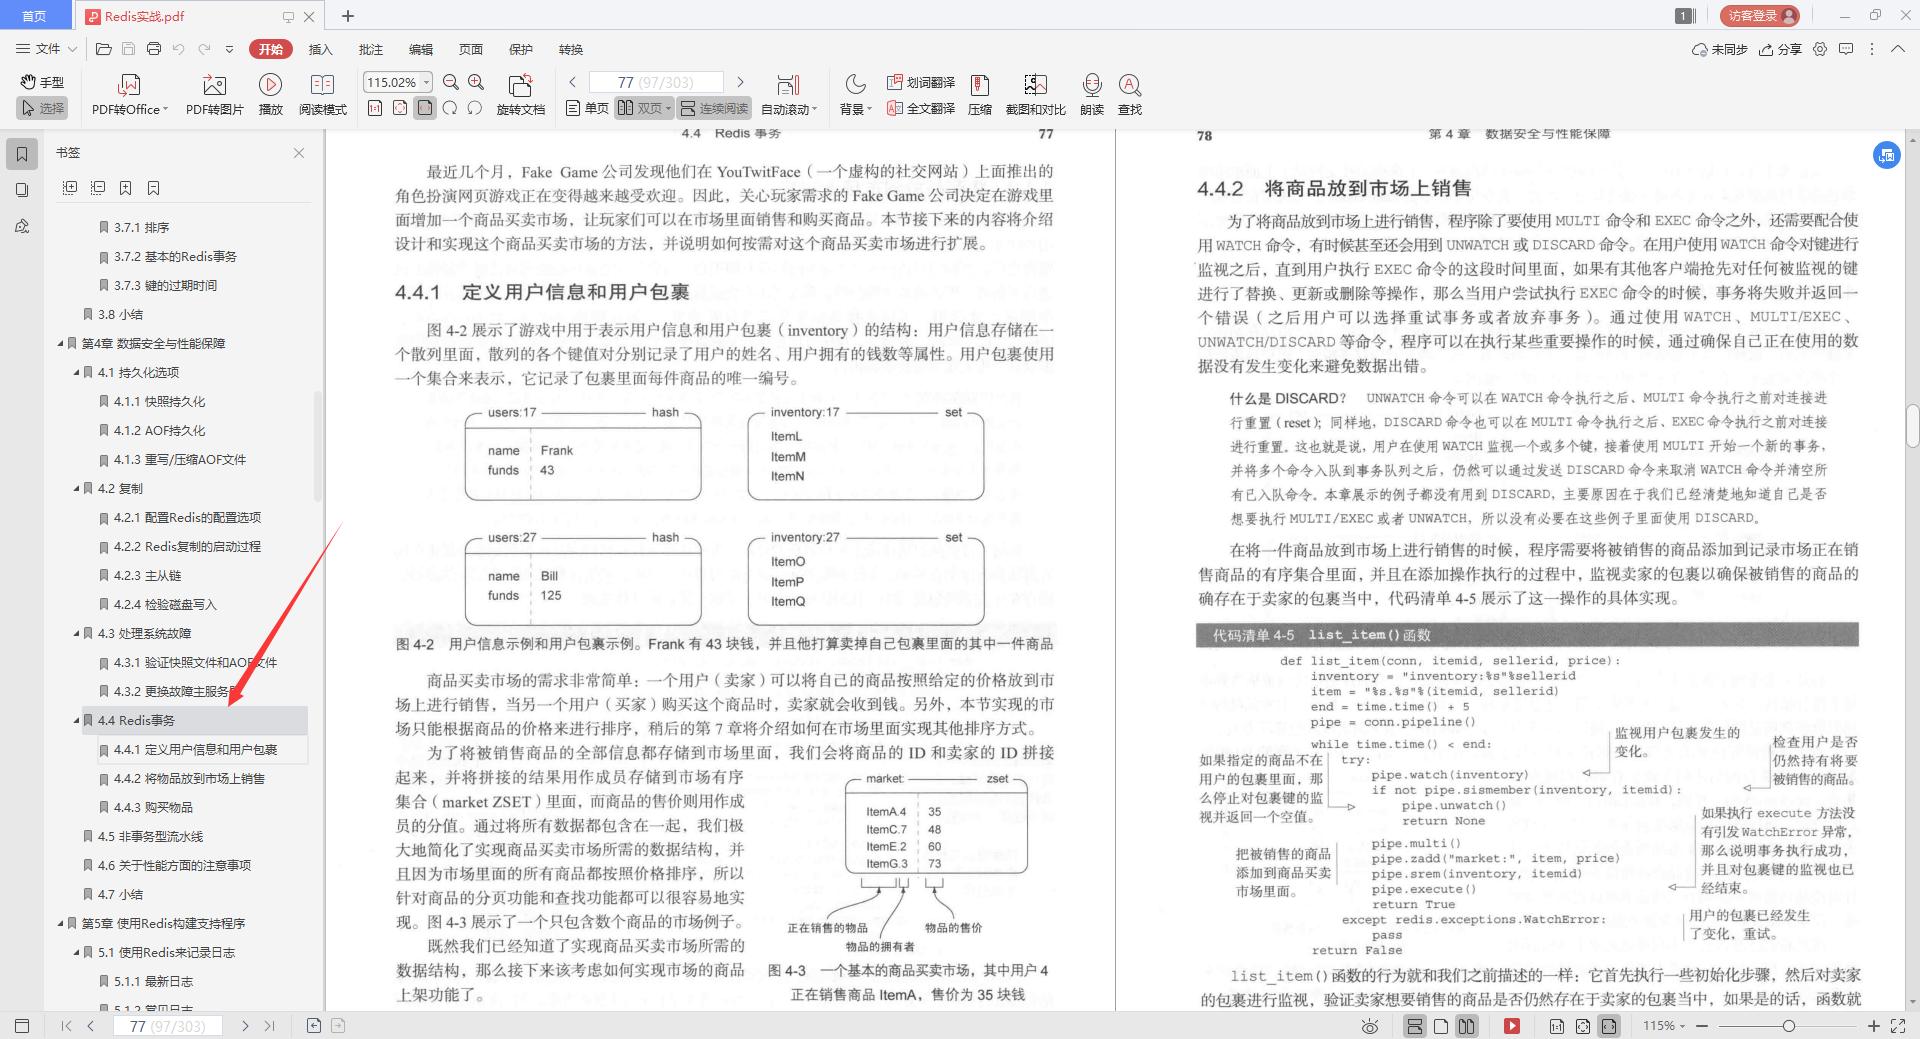 """一份283页pdf,五大核心内容,熬夜""""啃完"""",竟拿下了阿里offer"""